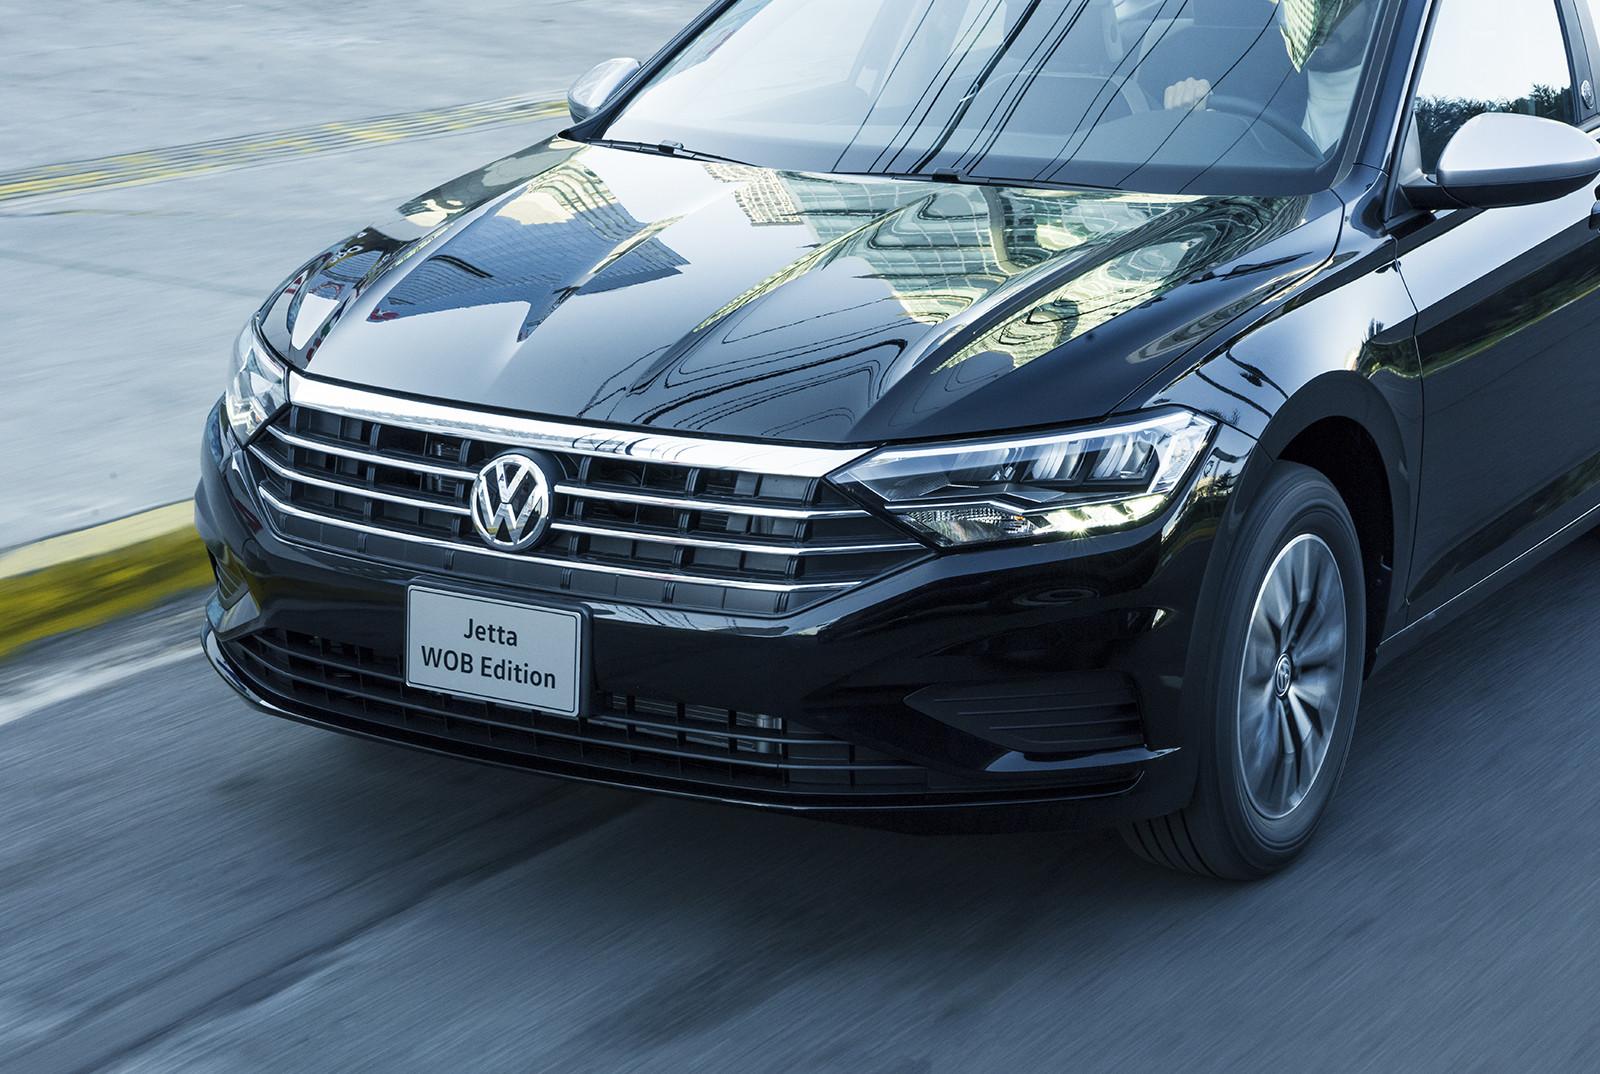 Foto de Volkswagen Jetta Wolfsburg Edition (2/11)